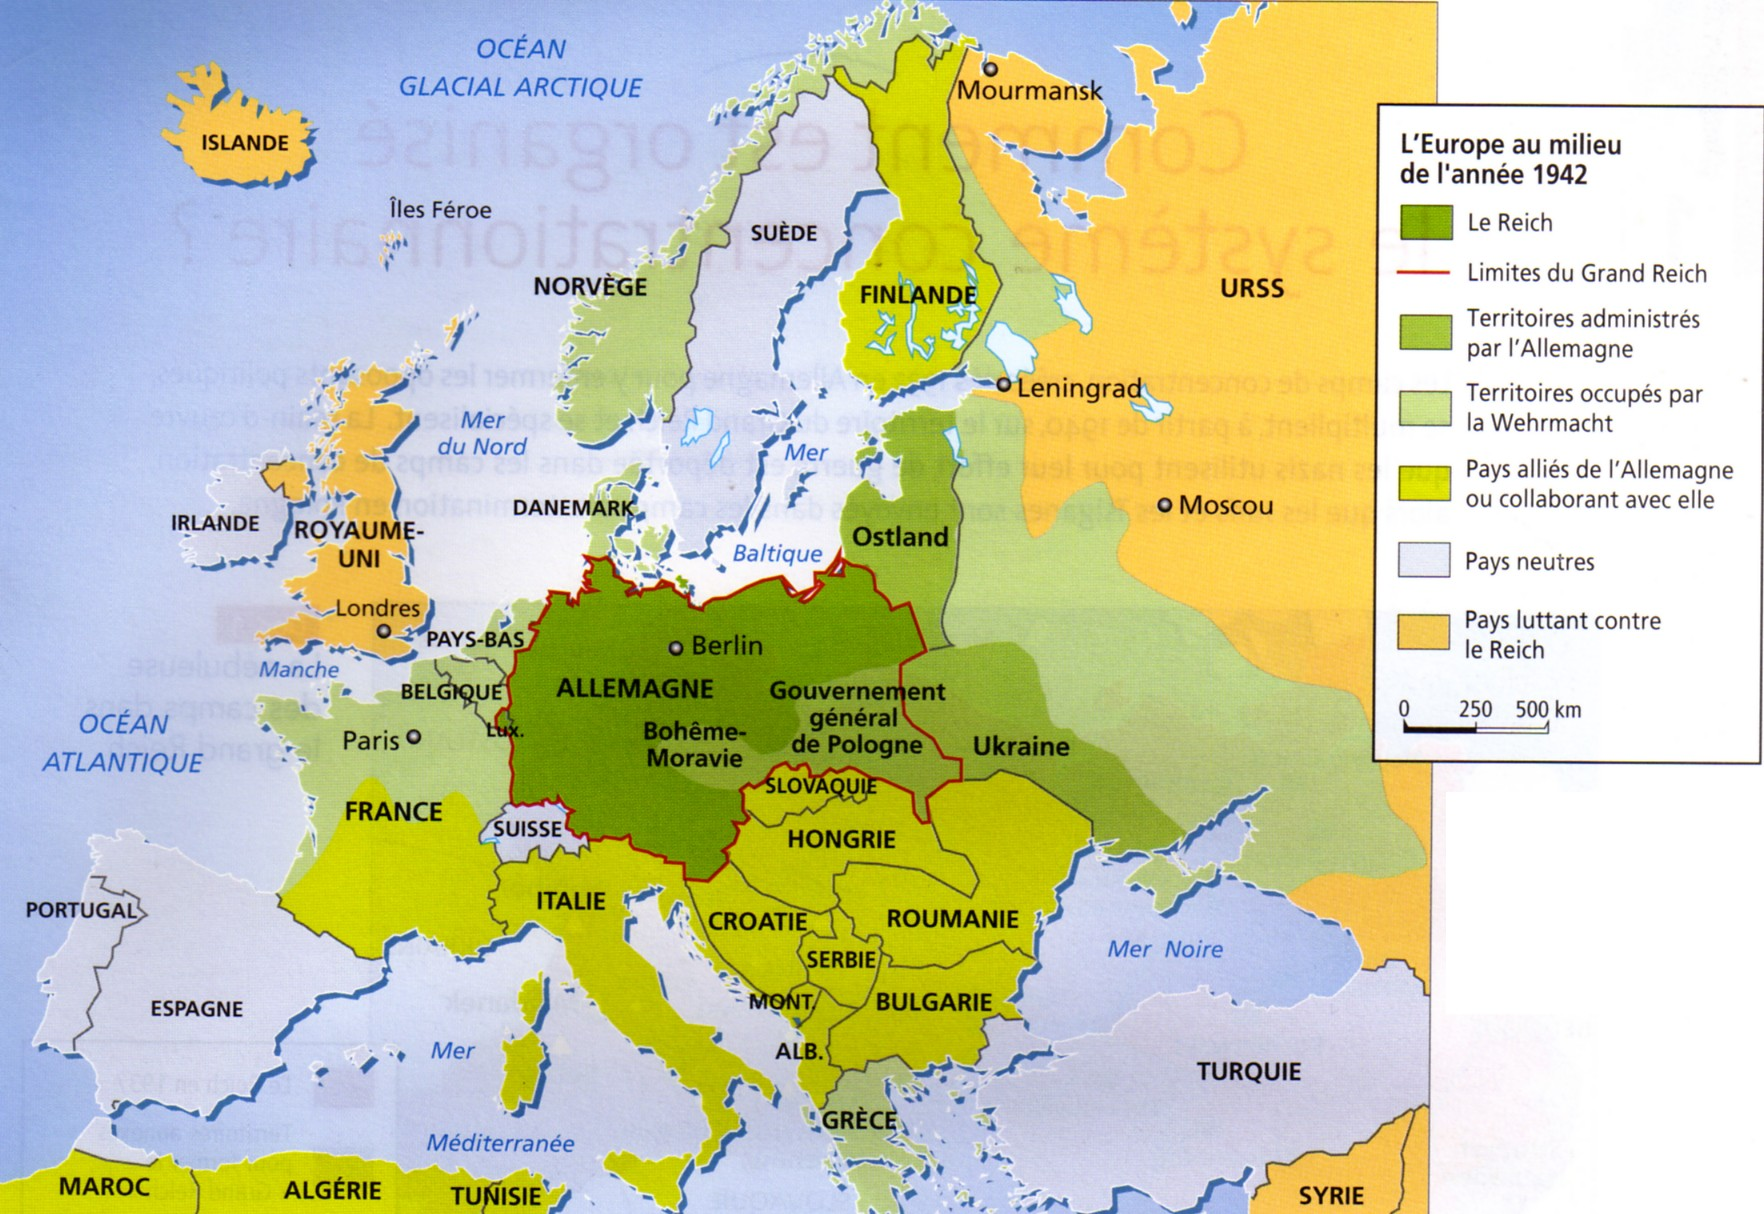 Carte Occupation Allemande Europe.L Idee Europeenne Devoyee Par L Allemagne Nazie